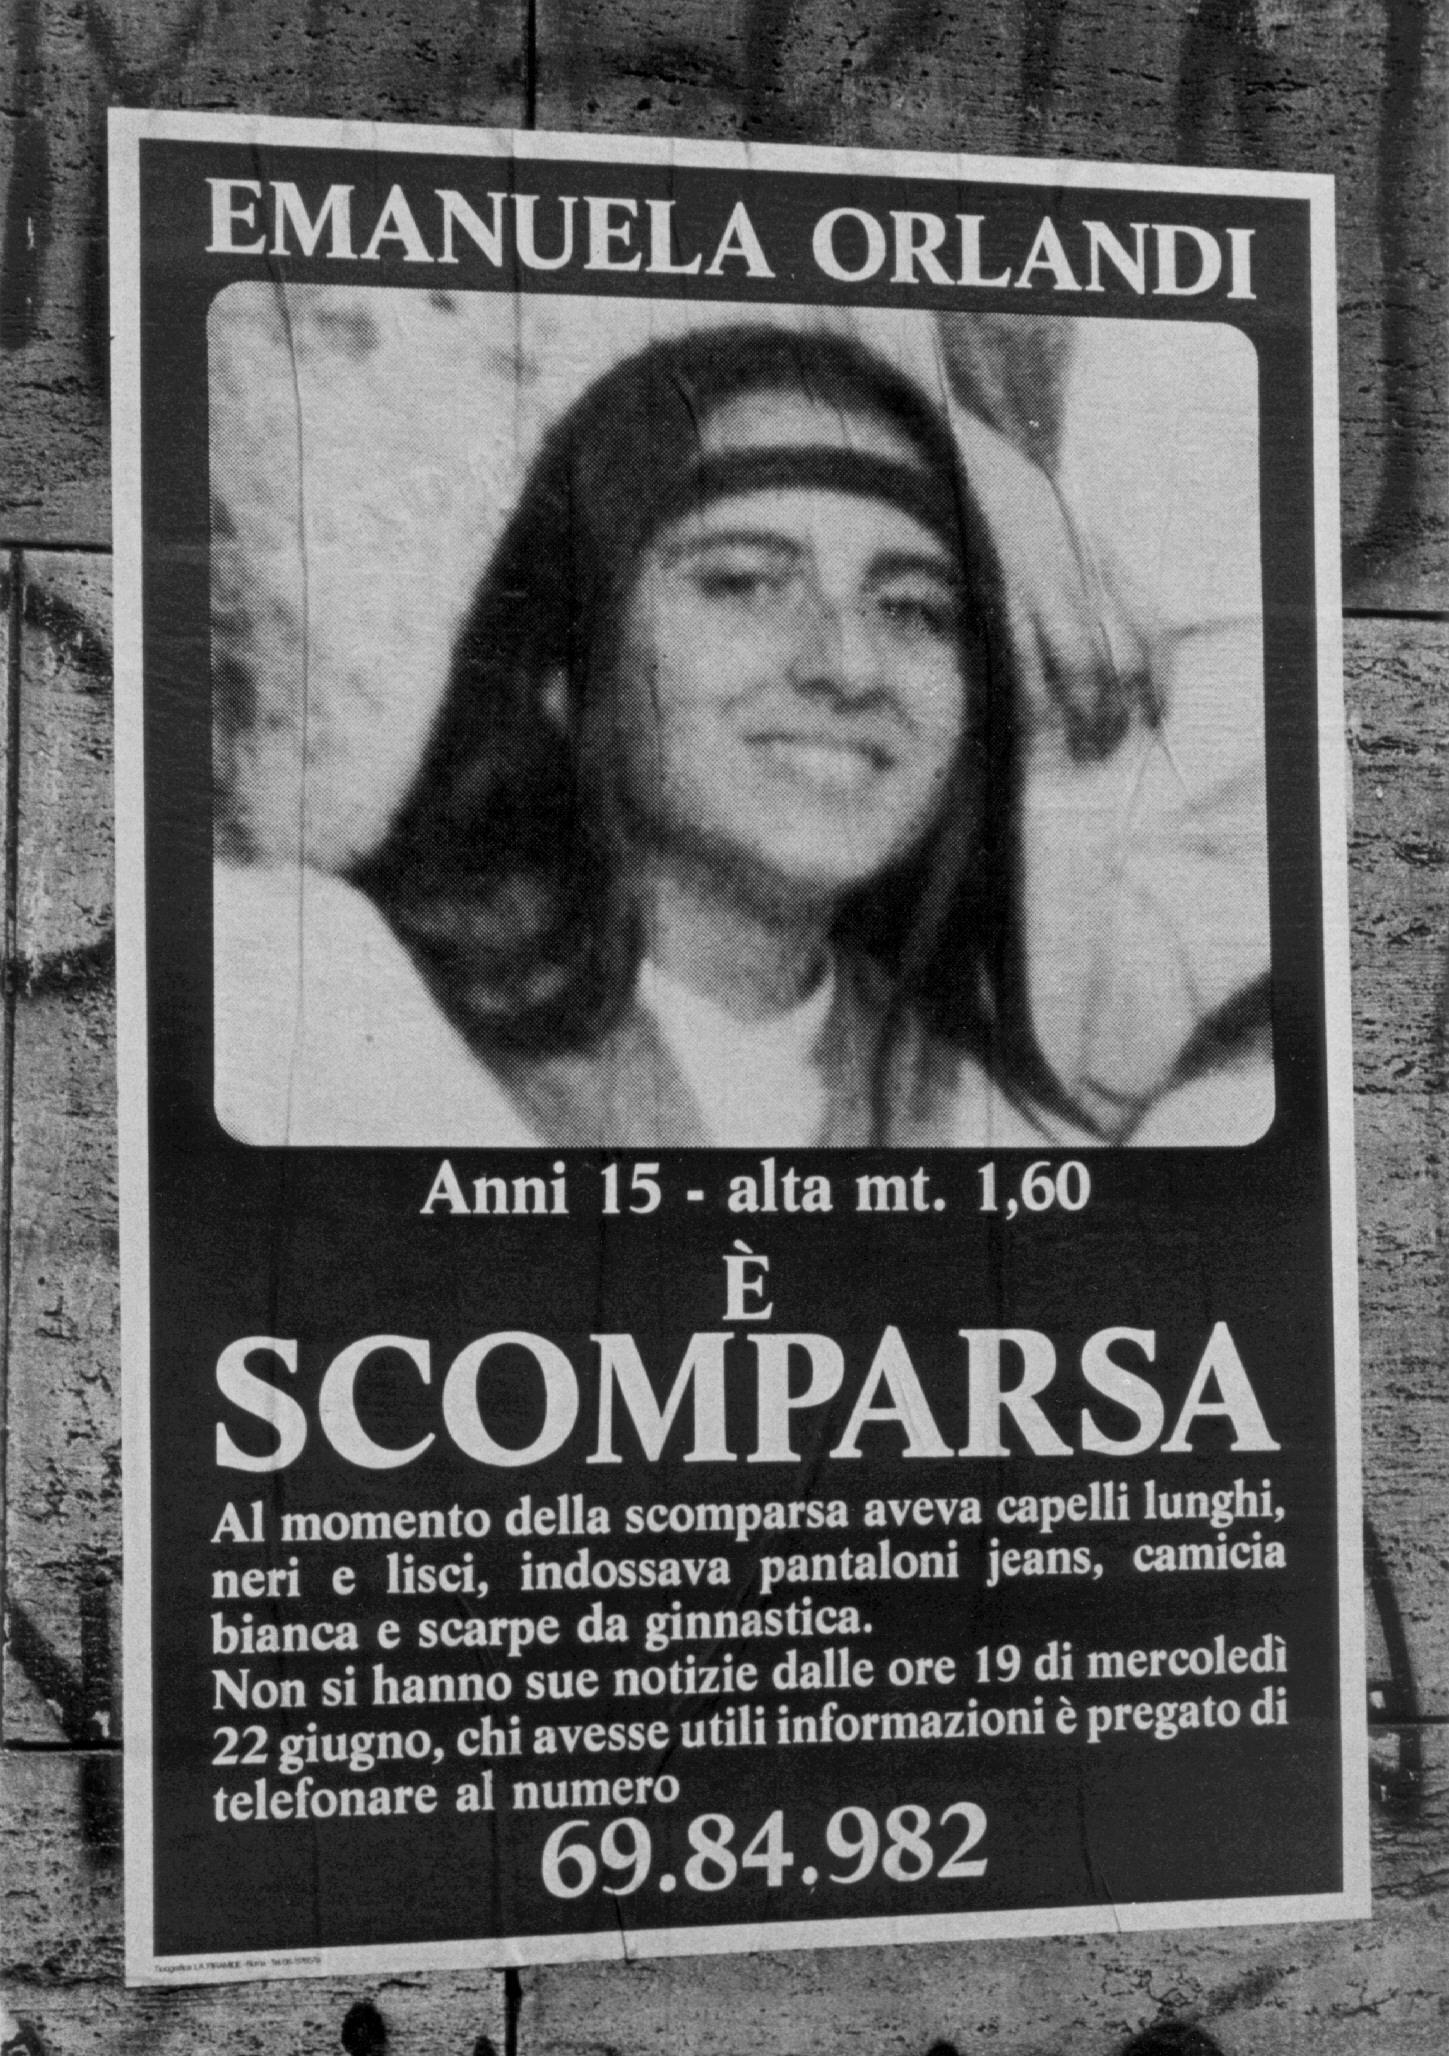 20091119 - ROMA - CLJ - EMANUELA ORLANDI: IDENTIFICATO TELEFONISTA MARIO. Un cartello con l'immagine di Emanuela Orlandi, in una foto d'archivio. E' stato identificato dalla Procura di Roma ''Mario'', il telefonista che chiamo' a casa di Emanuela Orlandi il 28 giugno del 1983 pochi giorni dopo che la ragazza era sparita a Roma. A riconoscere ed identificare il telefonista e' stata Sabrina Minardi, ex compagna di Enrico De Pedis, il ''Renatino'' della Banda della Magliana. Minardi e' stata ascoltata ieri in Procura a Roma dal procuratore aggiunto Giancarlo Capaldo e dal pm Simona Maisto. La donna, che nel giugno scorso mise a verbale alcune dichiarazioni indicando anche il presunto luogo dove il cadavere di Emanuela Orlandi era stato gettato (in una betoniera di un cantiere sul litorale romano), ha riconosciuto ''Mario'' dal nastro registrato della telefonata giunta a casa Orlandi sei giorni dopo la scomparsa di Emanuela ovvero il 22 giugno 1983. ANSA/MASSIMO CAPODANNO/DRN